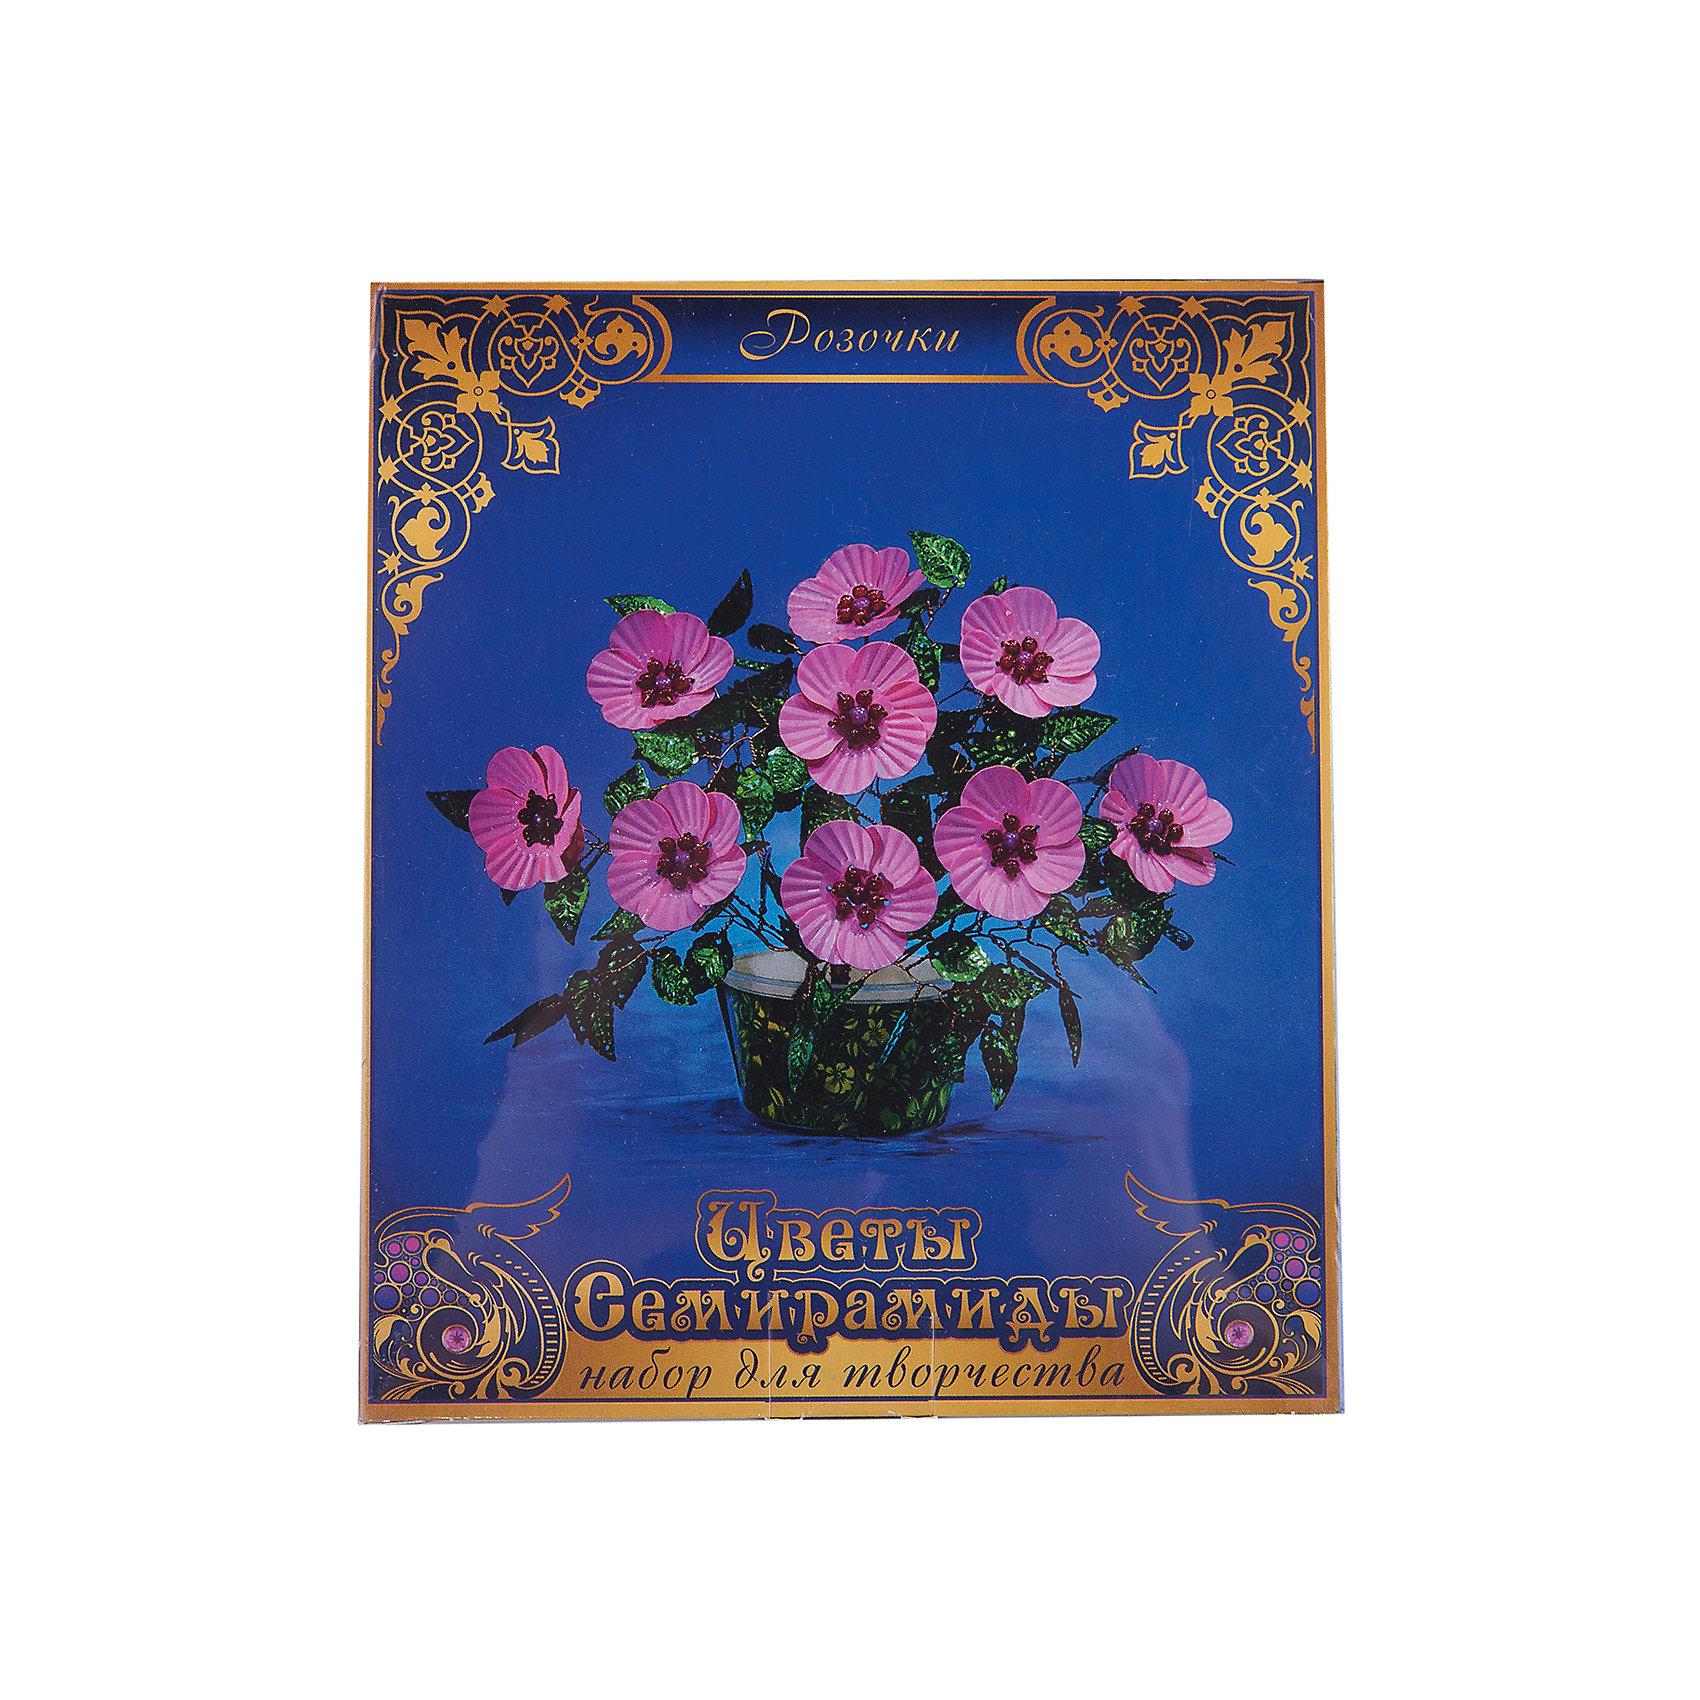 Набор Цветы Семирамиды РозочкиДеревья из пайеток<br>Серия «Цветы Семирамиды» представляют собой комплект необходимых<br>материалов, используя которые можно создать своё «Волшебный цветок» из каждого набора. Наборы предназначены для семейного творчества.<br><br>Ширина мм: 12<br>Глубина мм: 3<br>Высота мм: 14<br>Вес г: 90<br>Возраст от месяцев: 84<br>Возраст до месяцев: 192<br>Пол: Унисекс<br>Возраст: Детский<br>SKU: 5068897